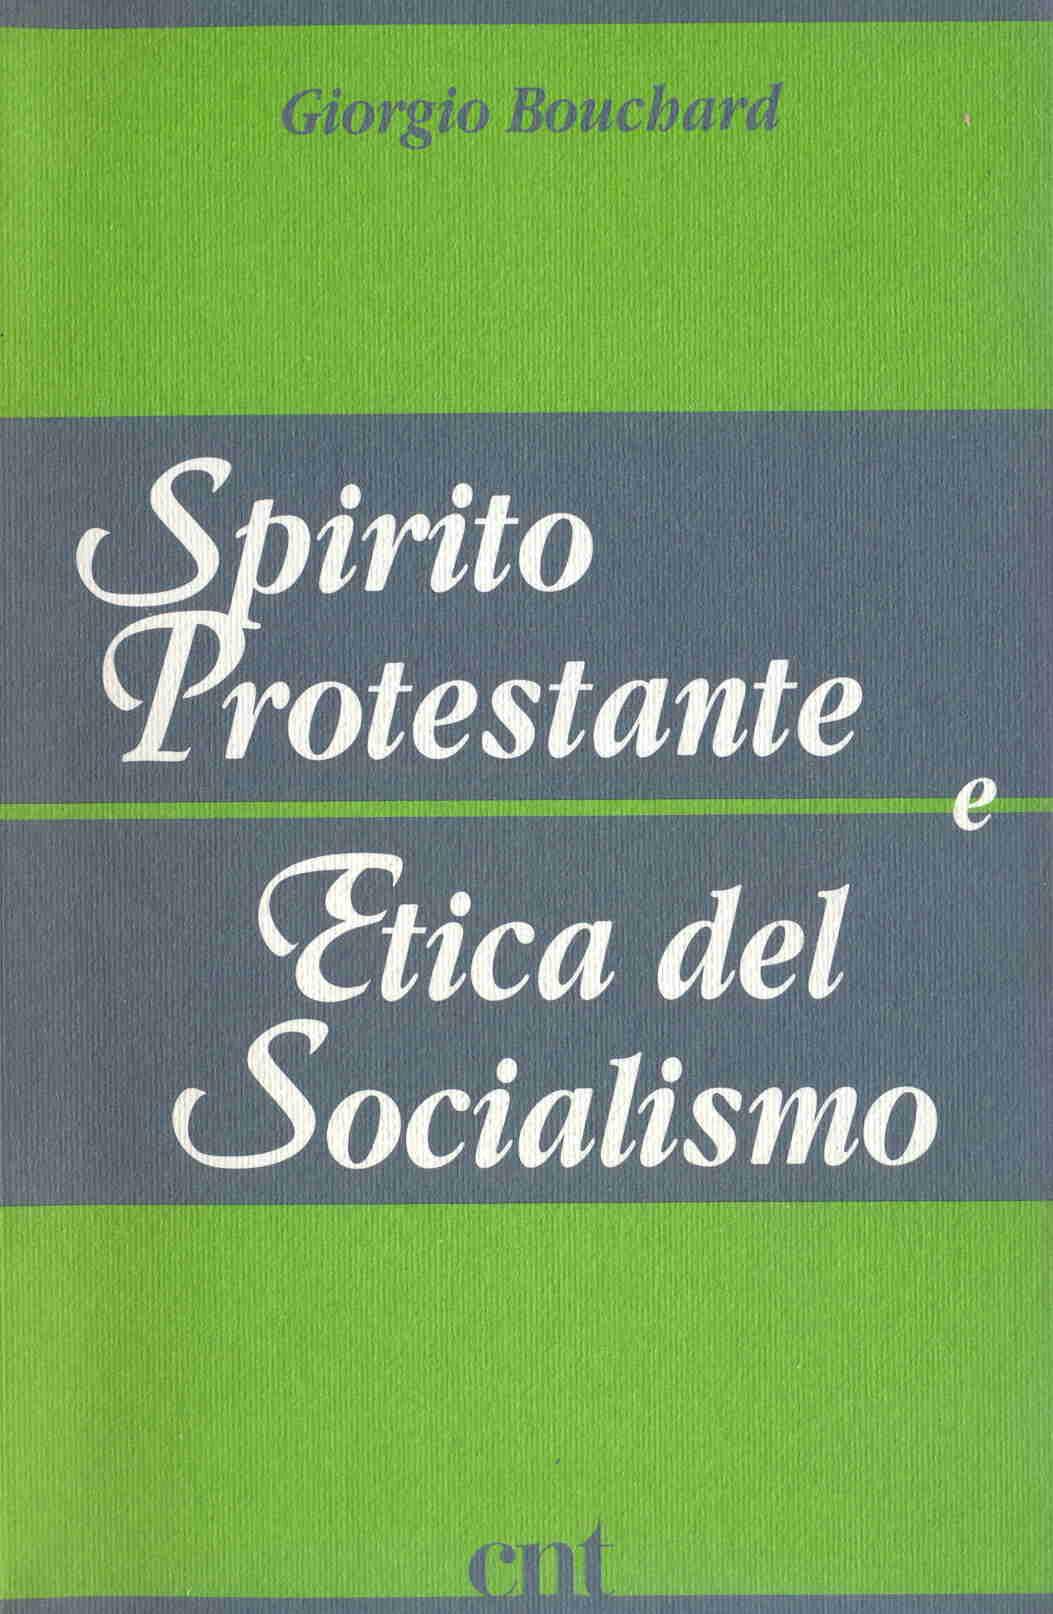 Spirito protestante ...